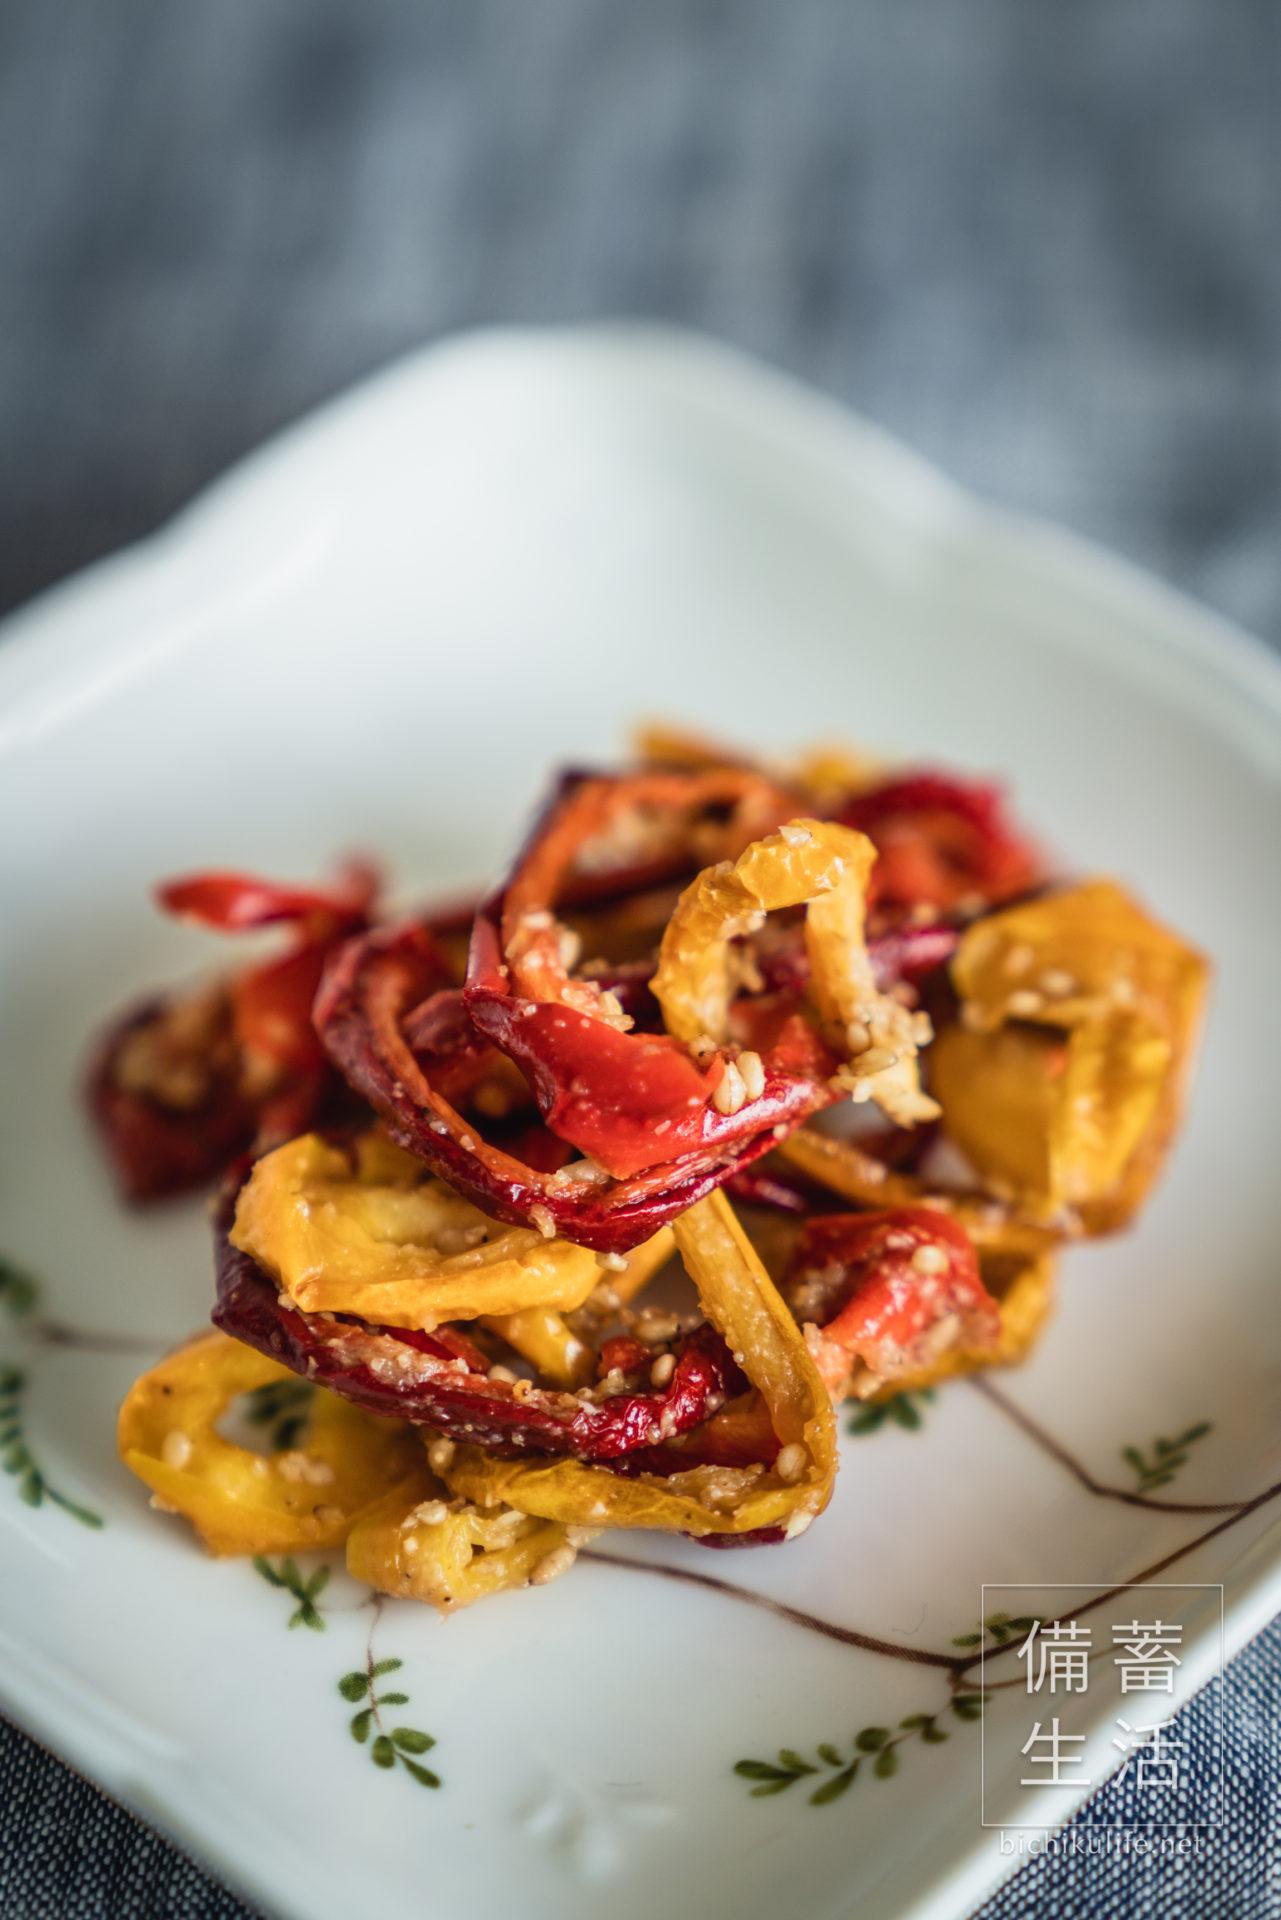 干しパプリカのレシピ、干しパプリカの胡麻和え、干し野菜